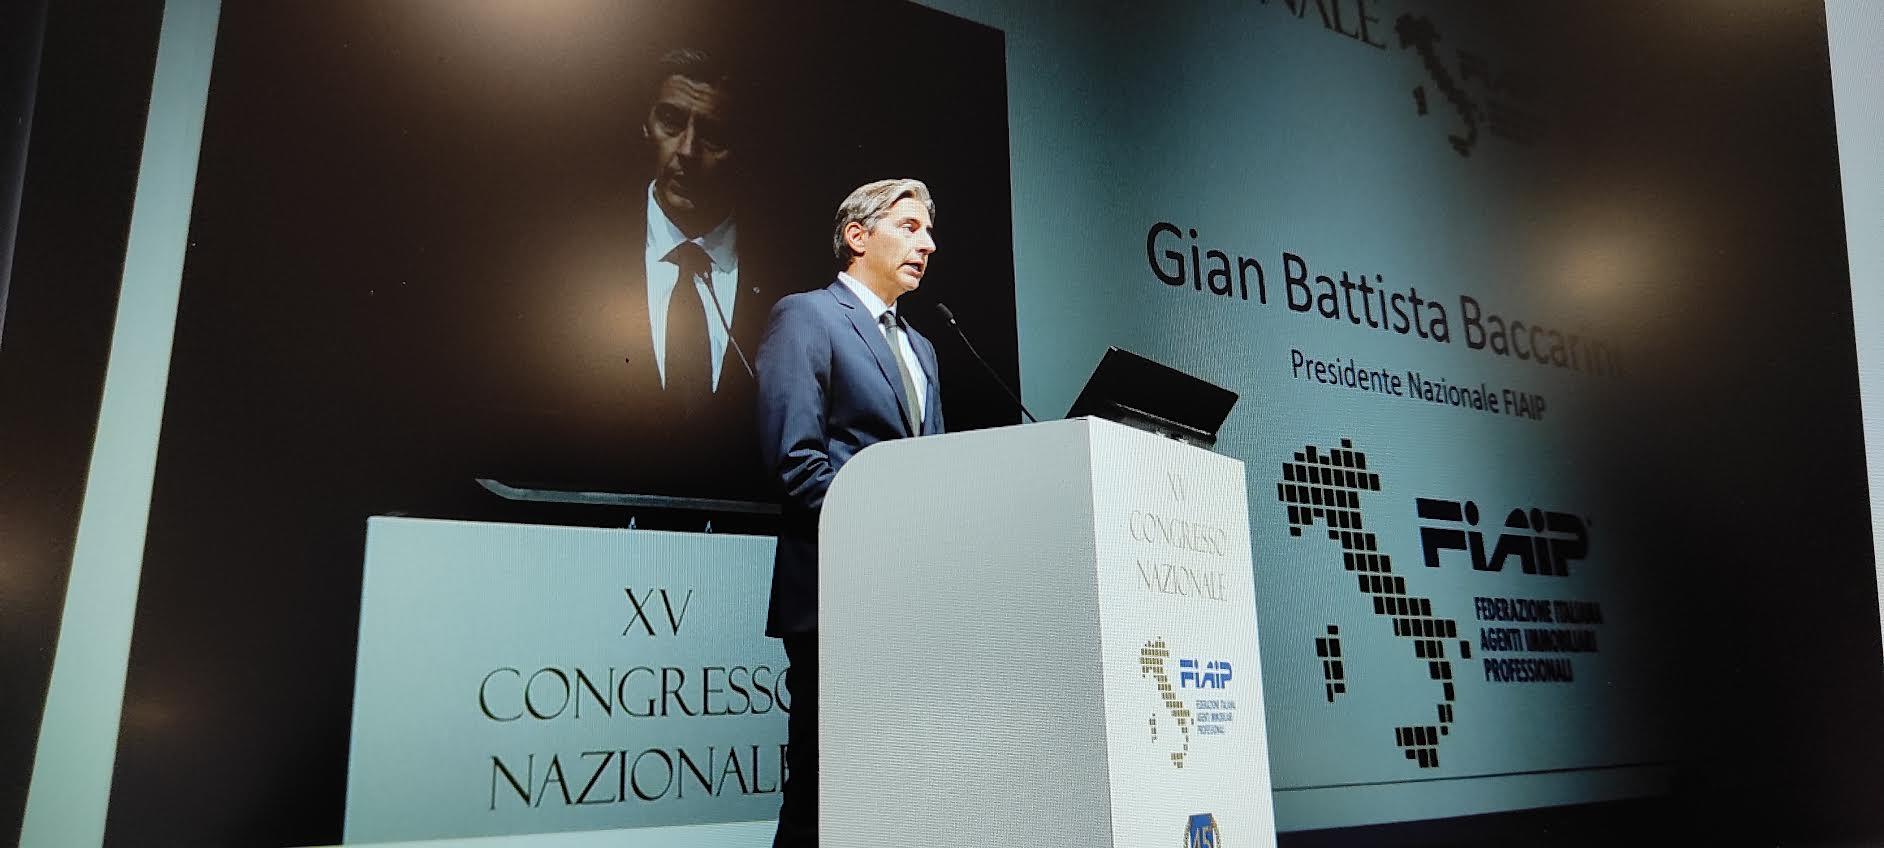 Immobiliare: Gian Battista Baccarini eletto al XV Congresso FIAIP a Bologna Presidente Nazionale